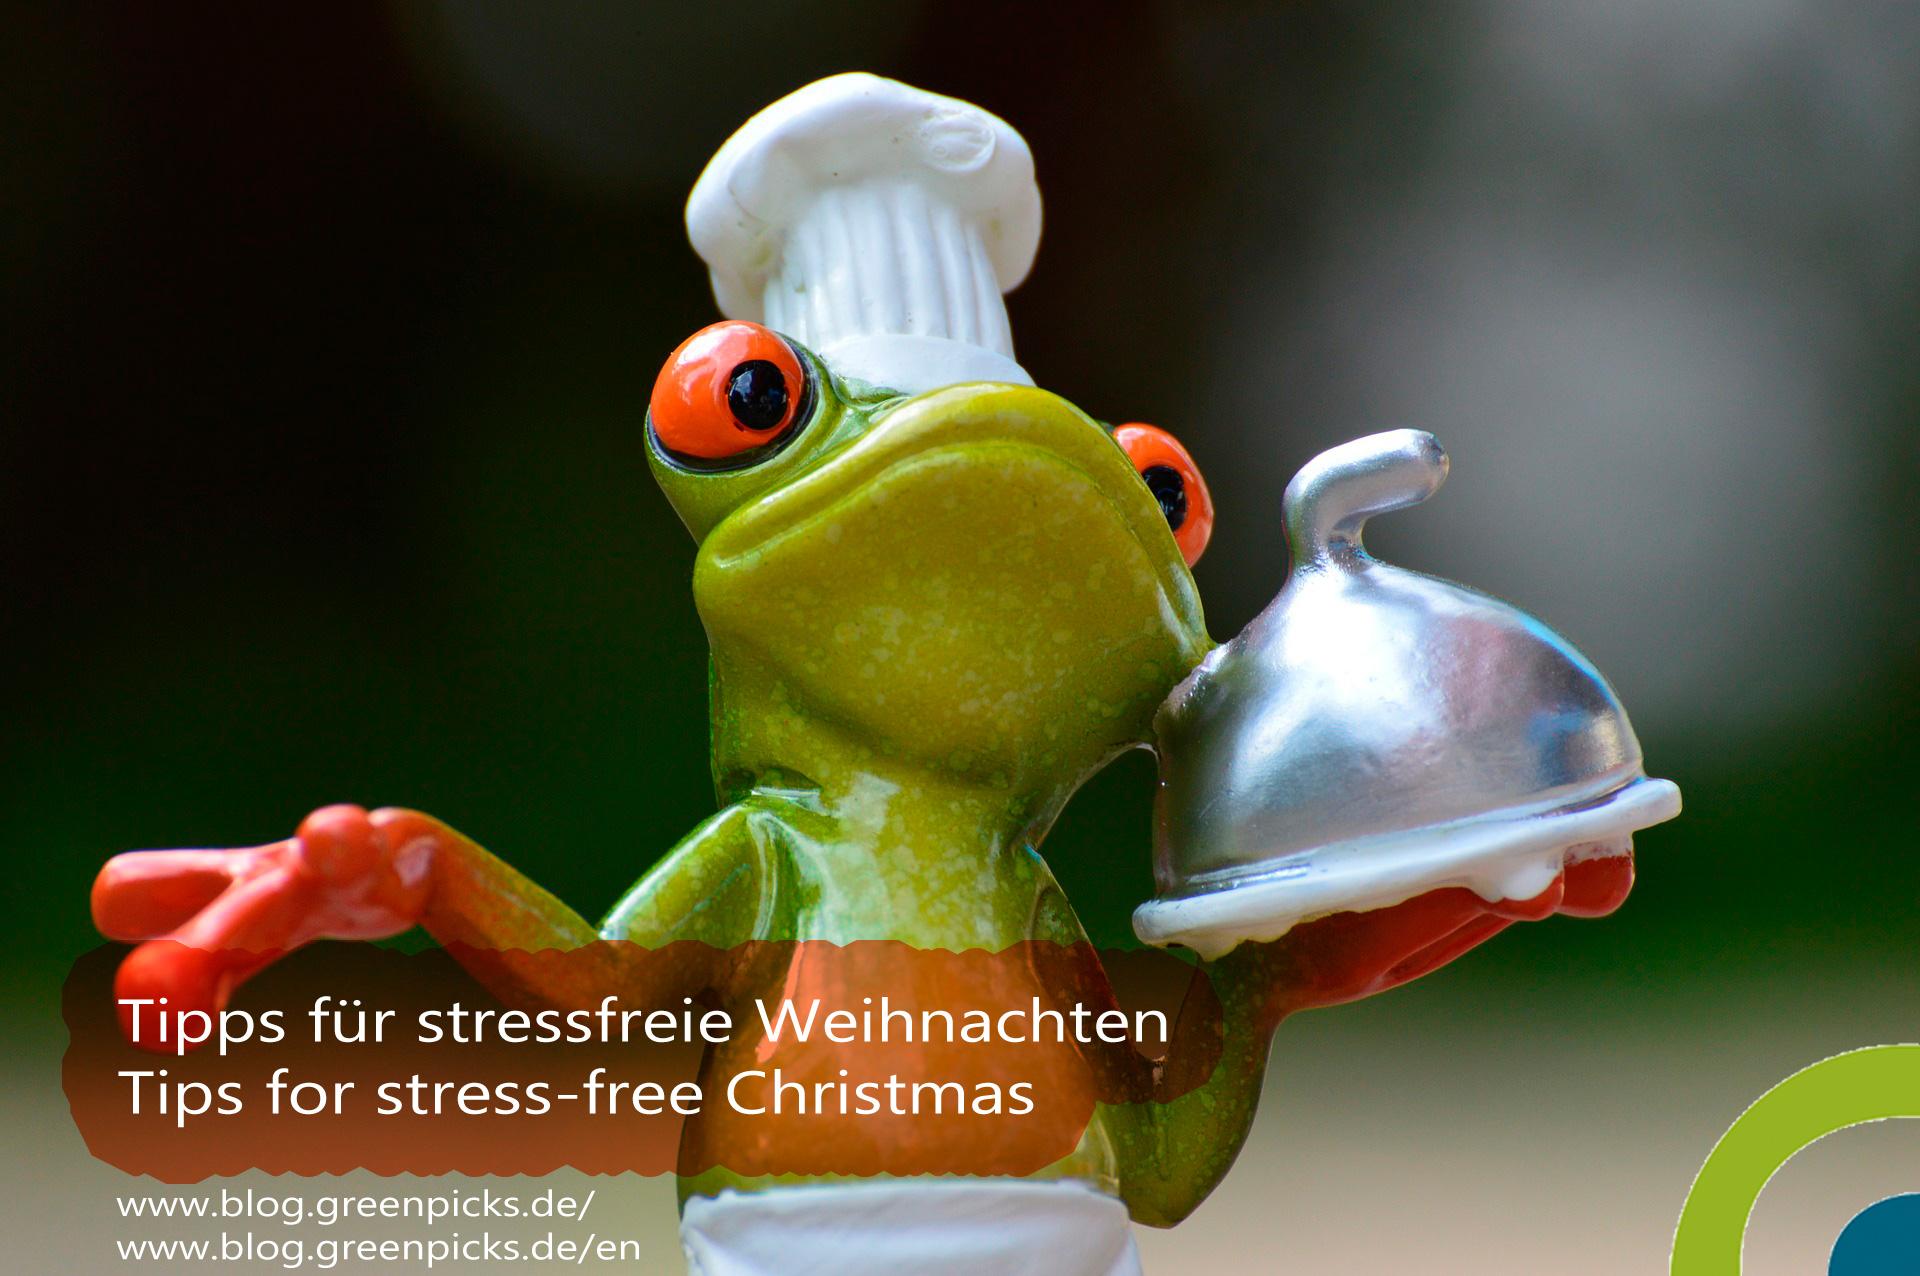 Tipps für stressfreie Weihnachten